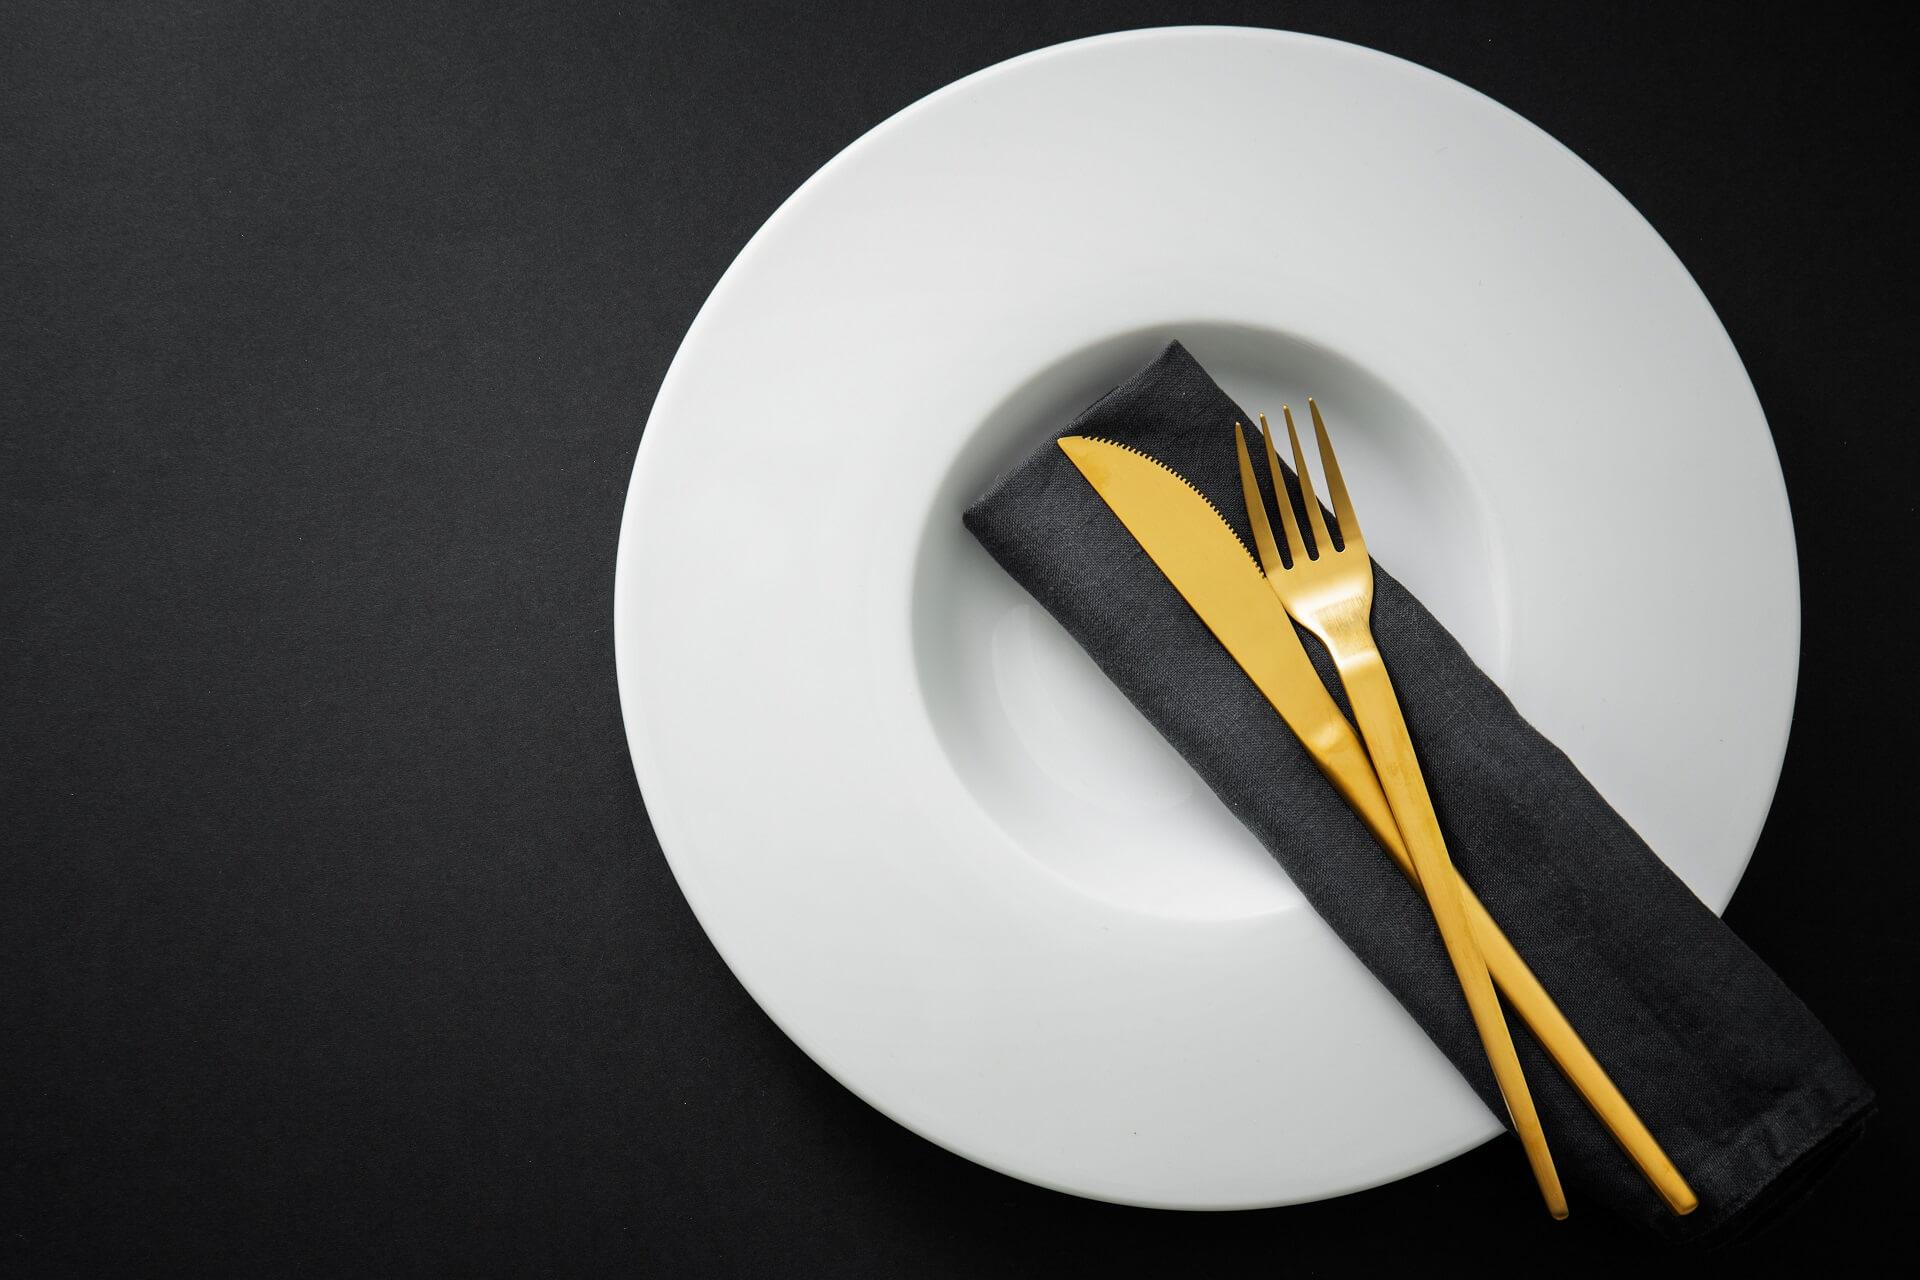 Piatti e posate di tendenza 2021: stoviglie per cenare con stile